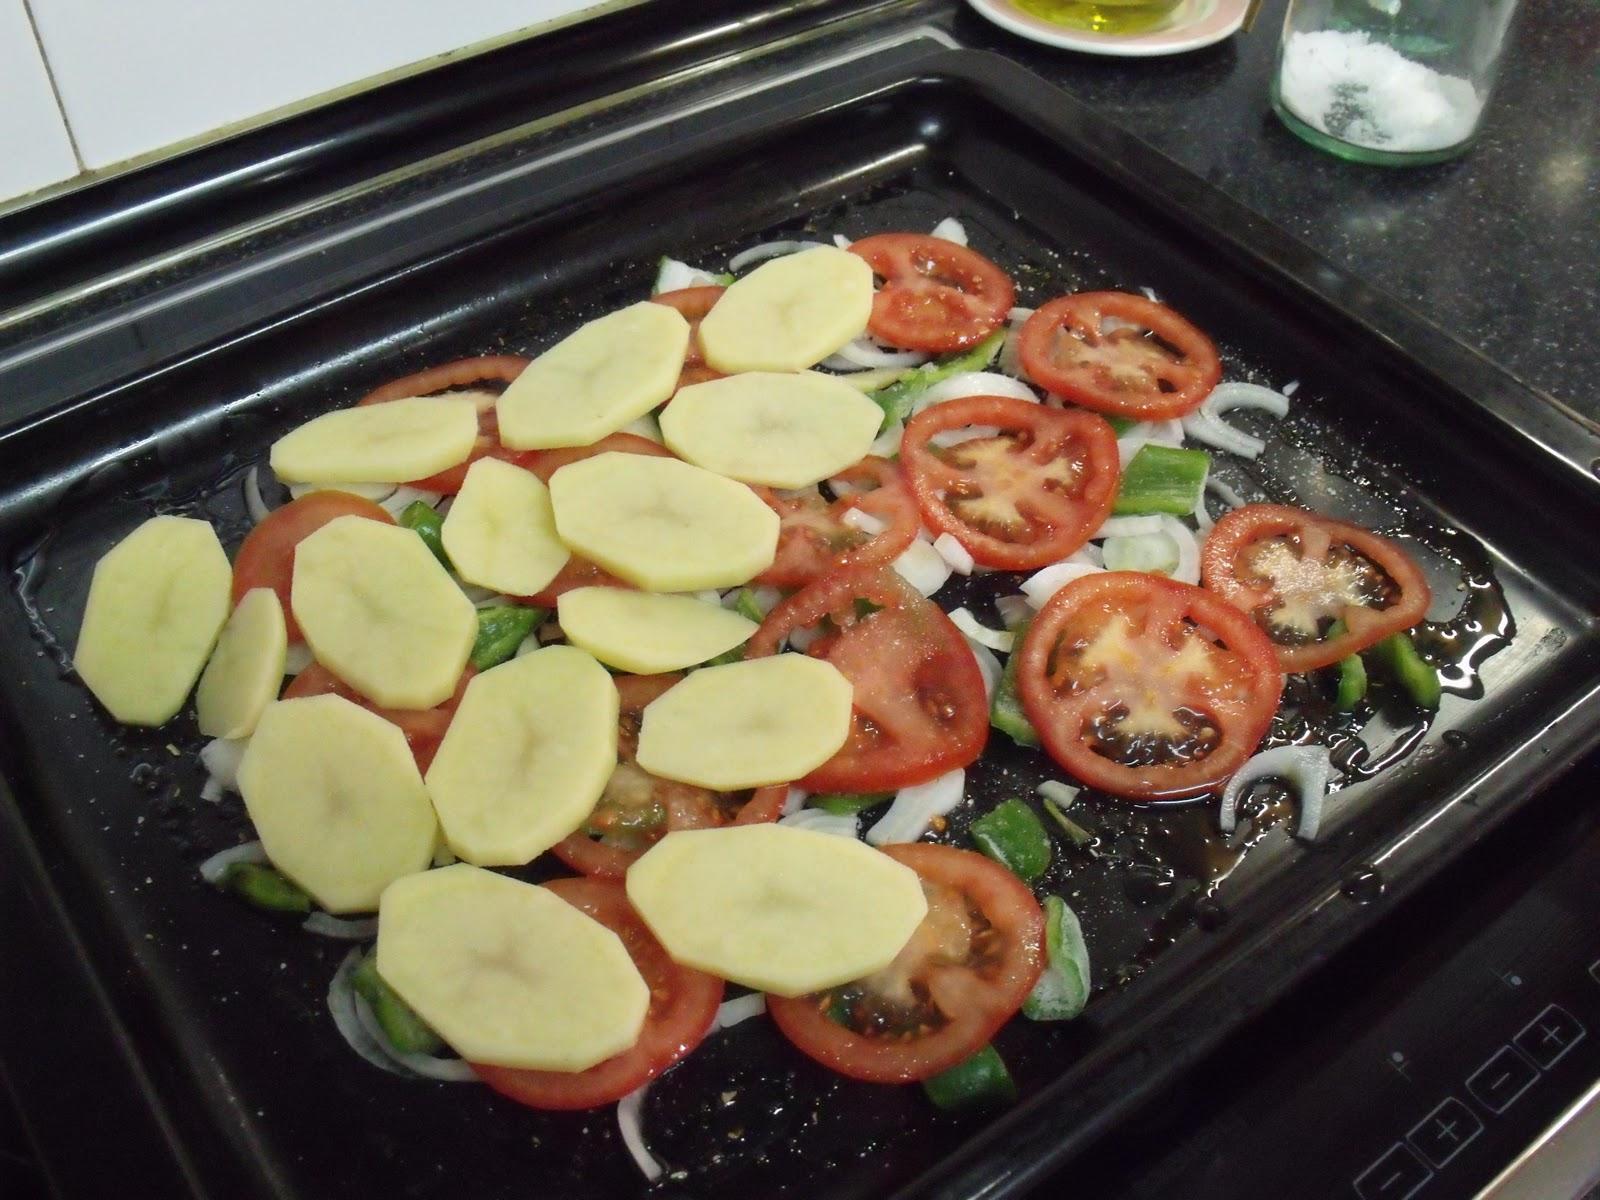 The little kitchen of silvia pollo al horno con patatas - Pechugas de pollo al horno con patatas ...